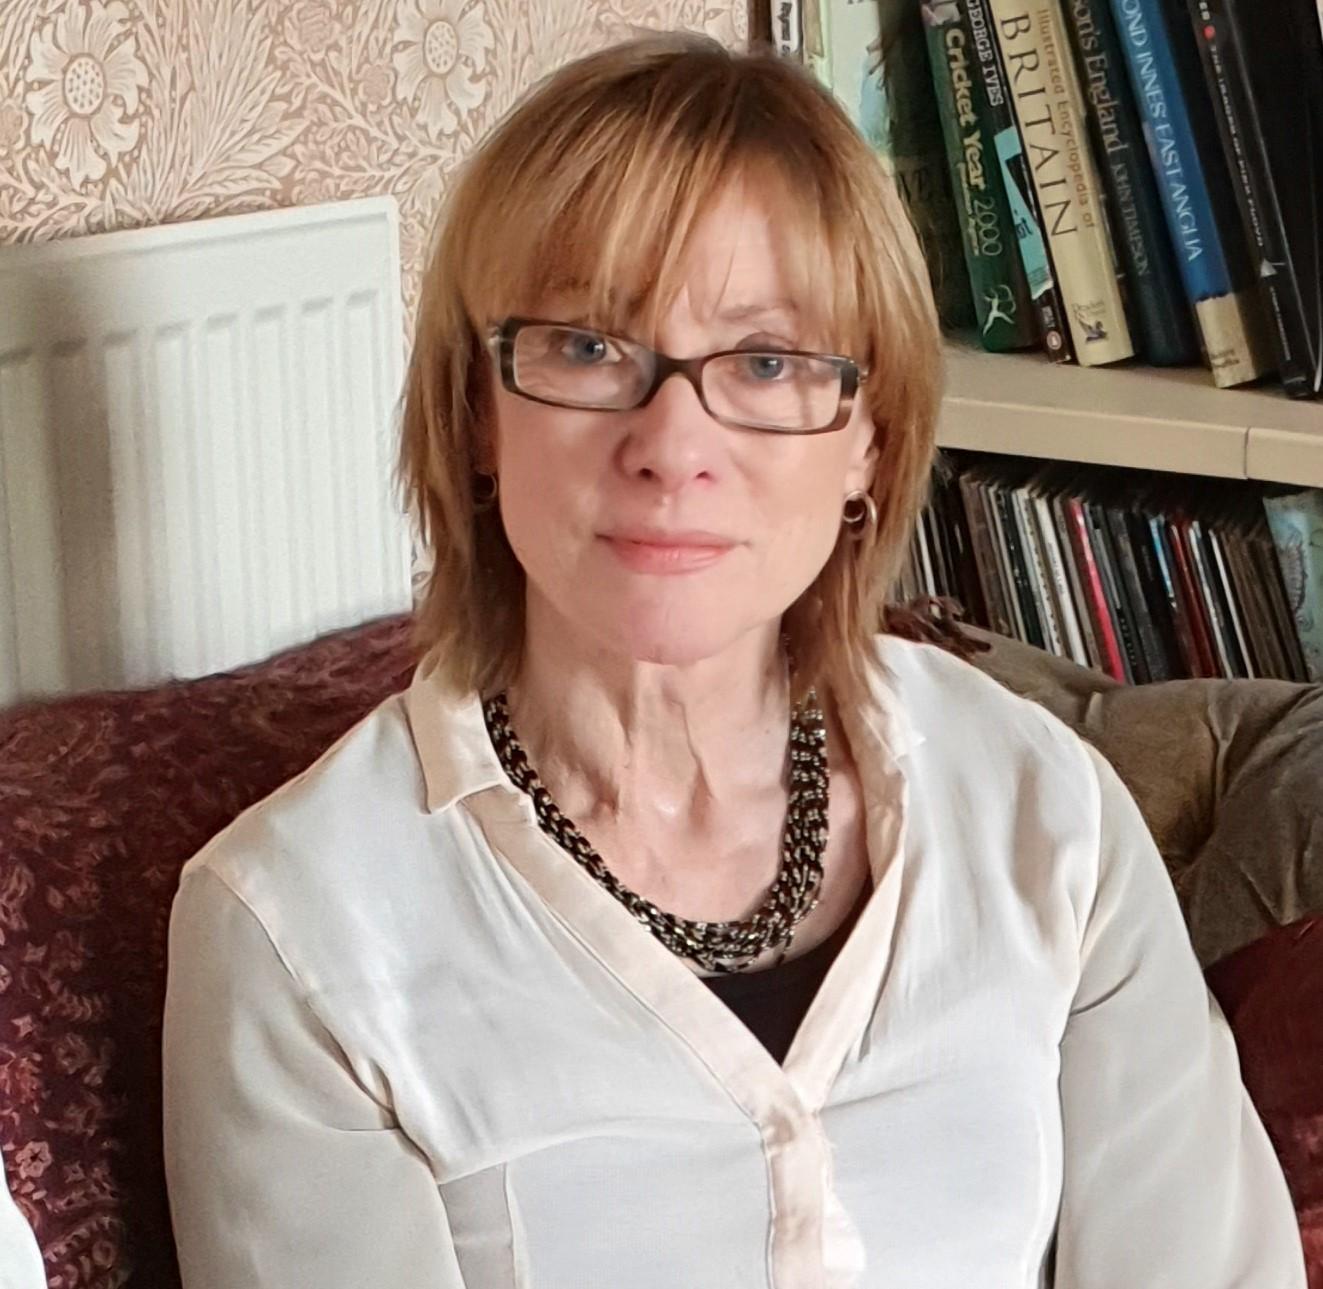 Julia Bellerby